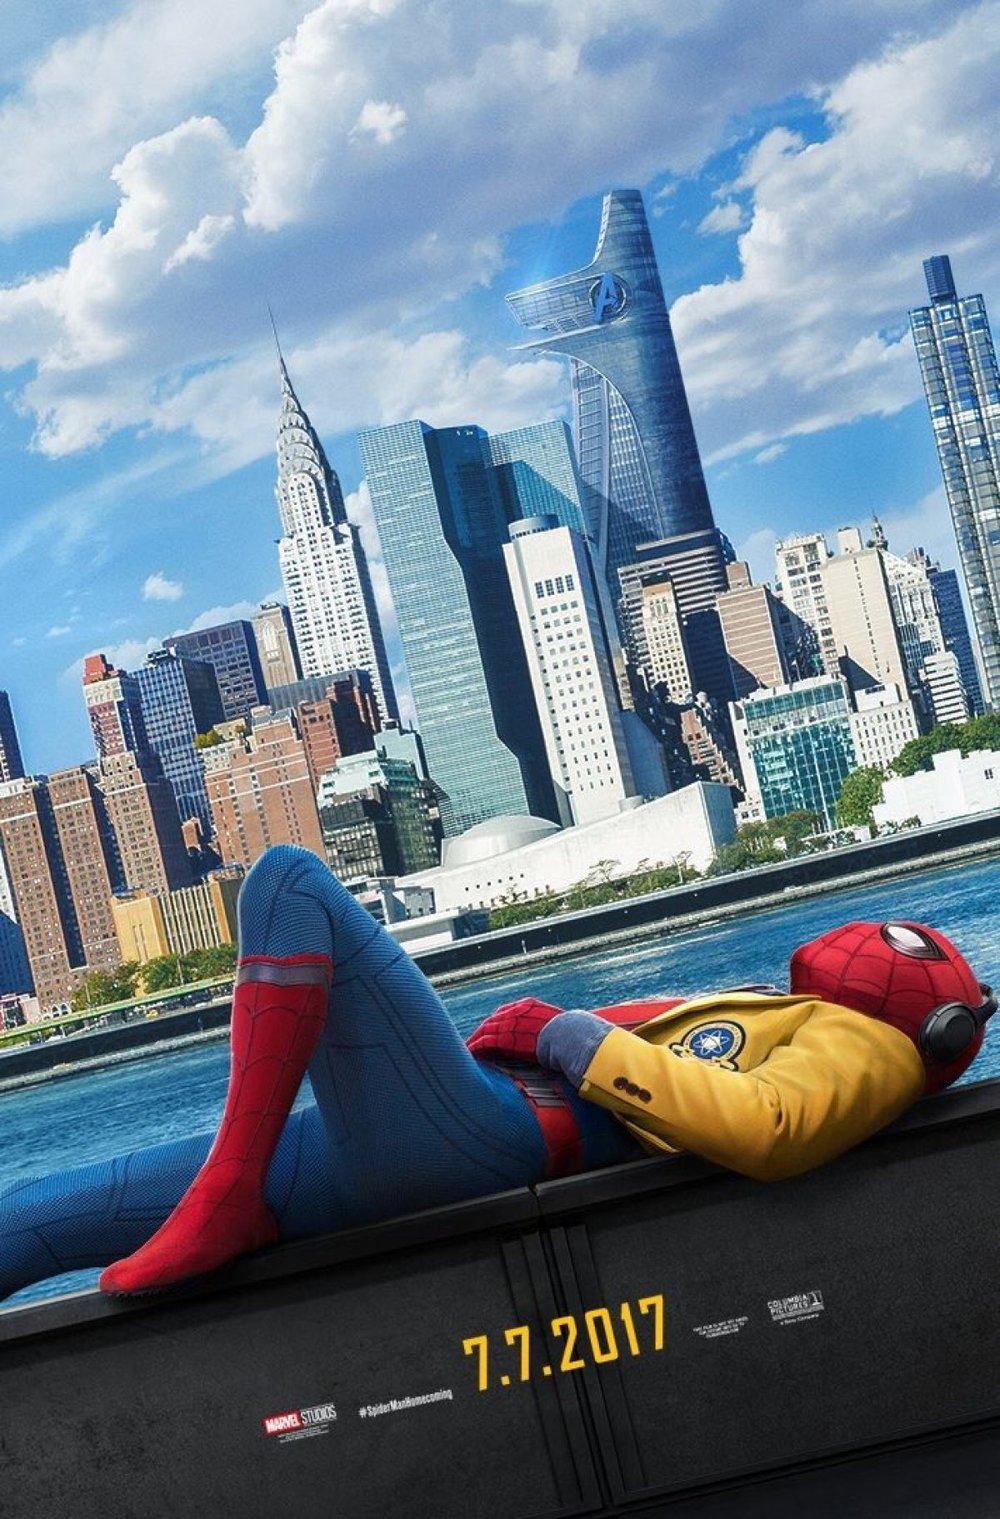 spider_man_poster.jpg